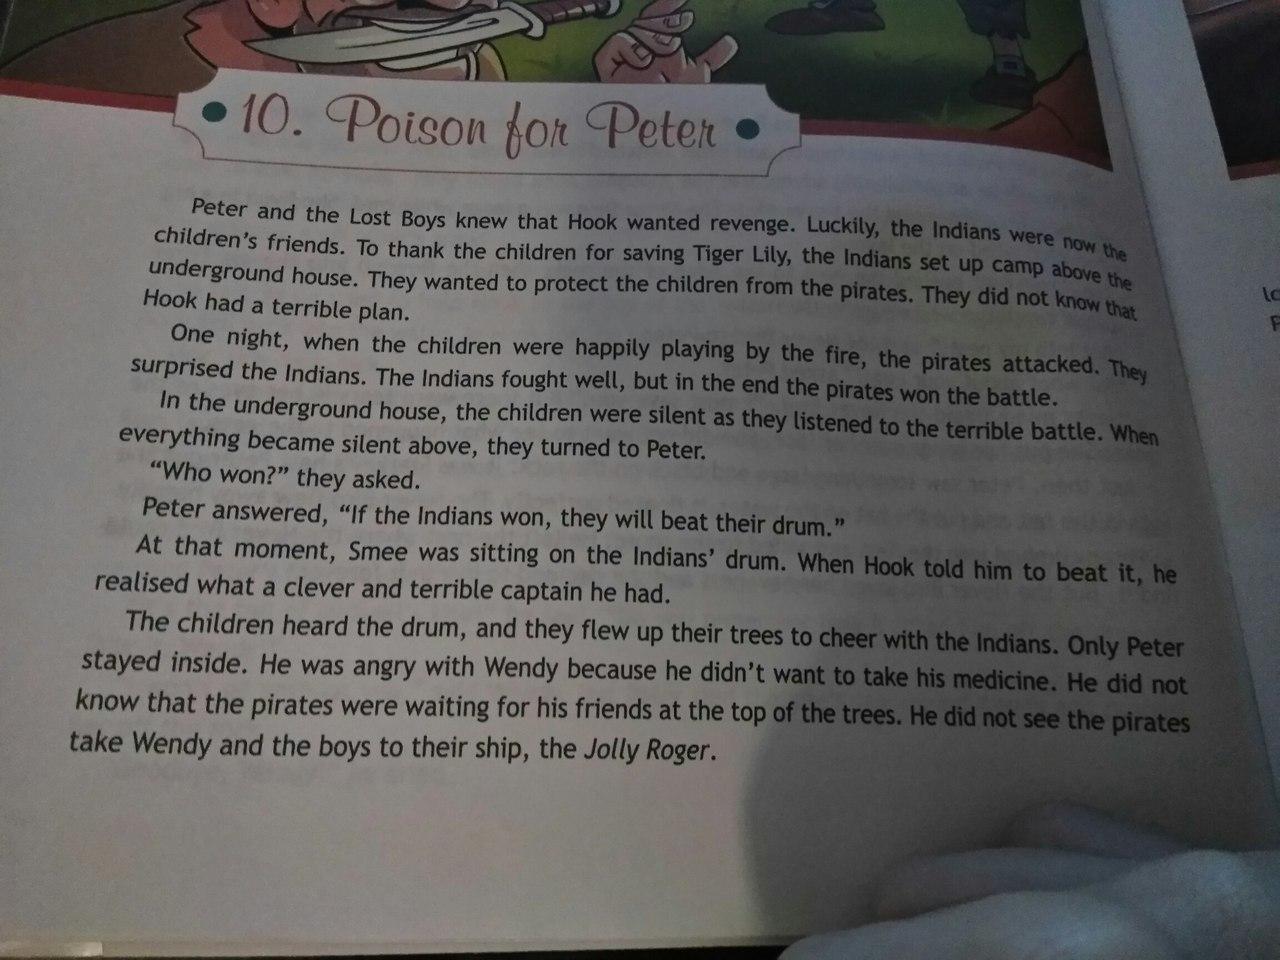 Пожалуйста,срочно помогите перевести этот текст 10 глава Peter Pan.